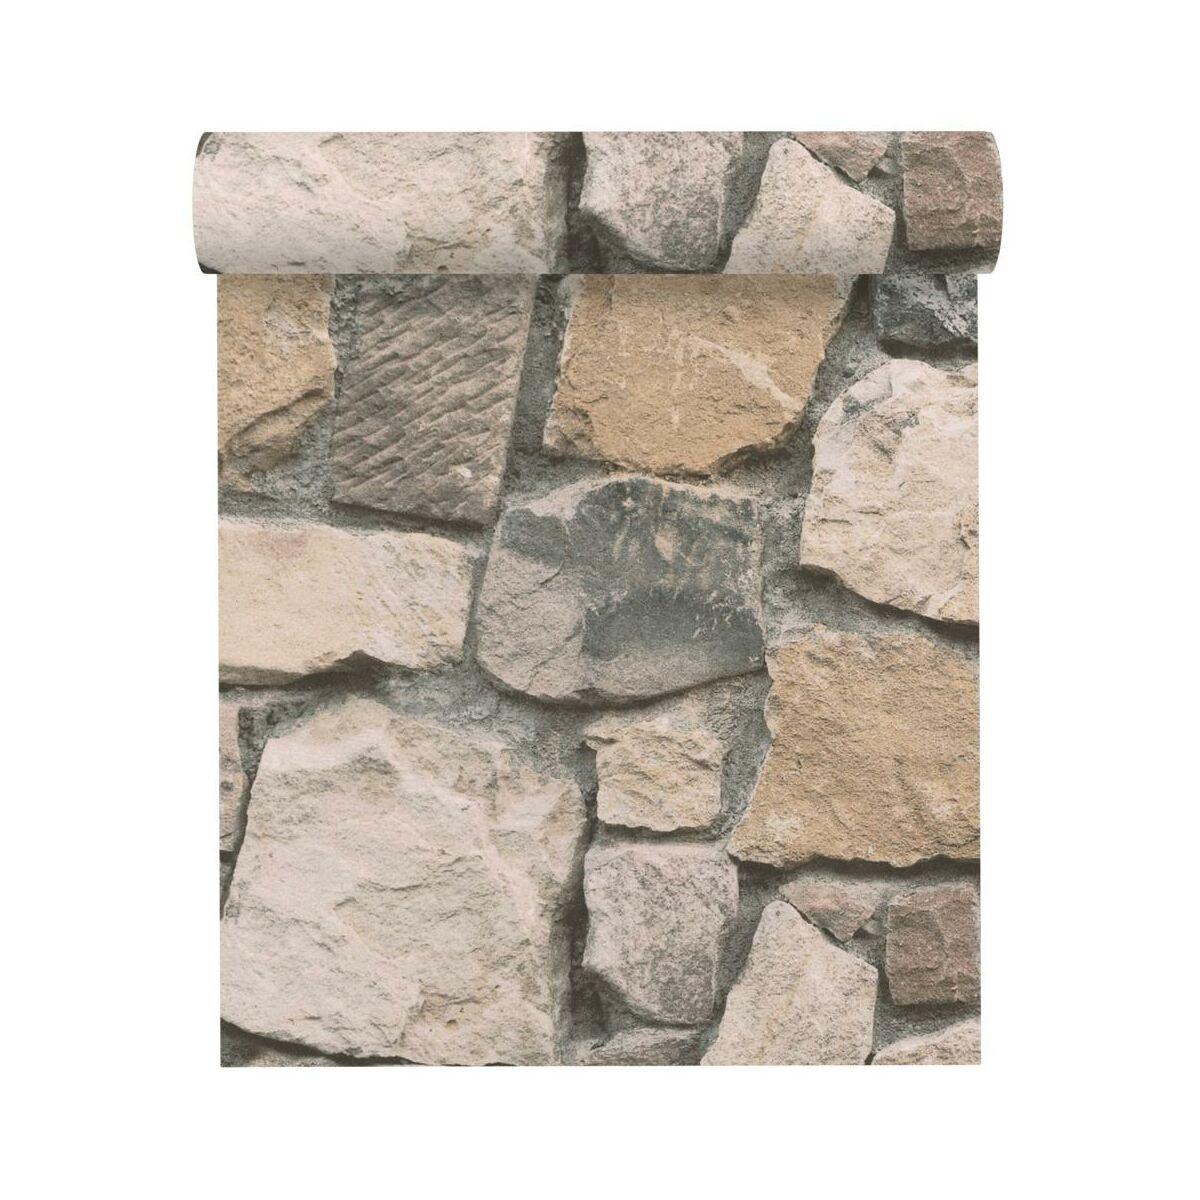 Tapeta 3d Kamienie Kremowo Szara Imitacja Kamienia Papierowa Tapety W Atrakcyjnej Cenie W Sklepach Leroy Merlin